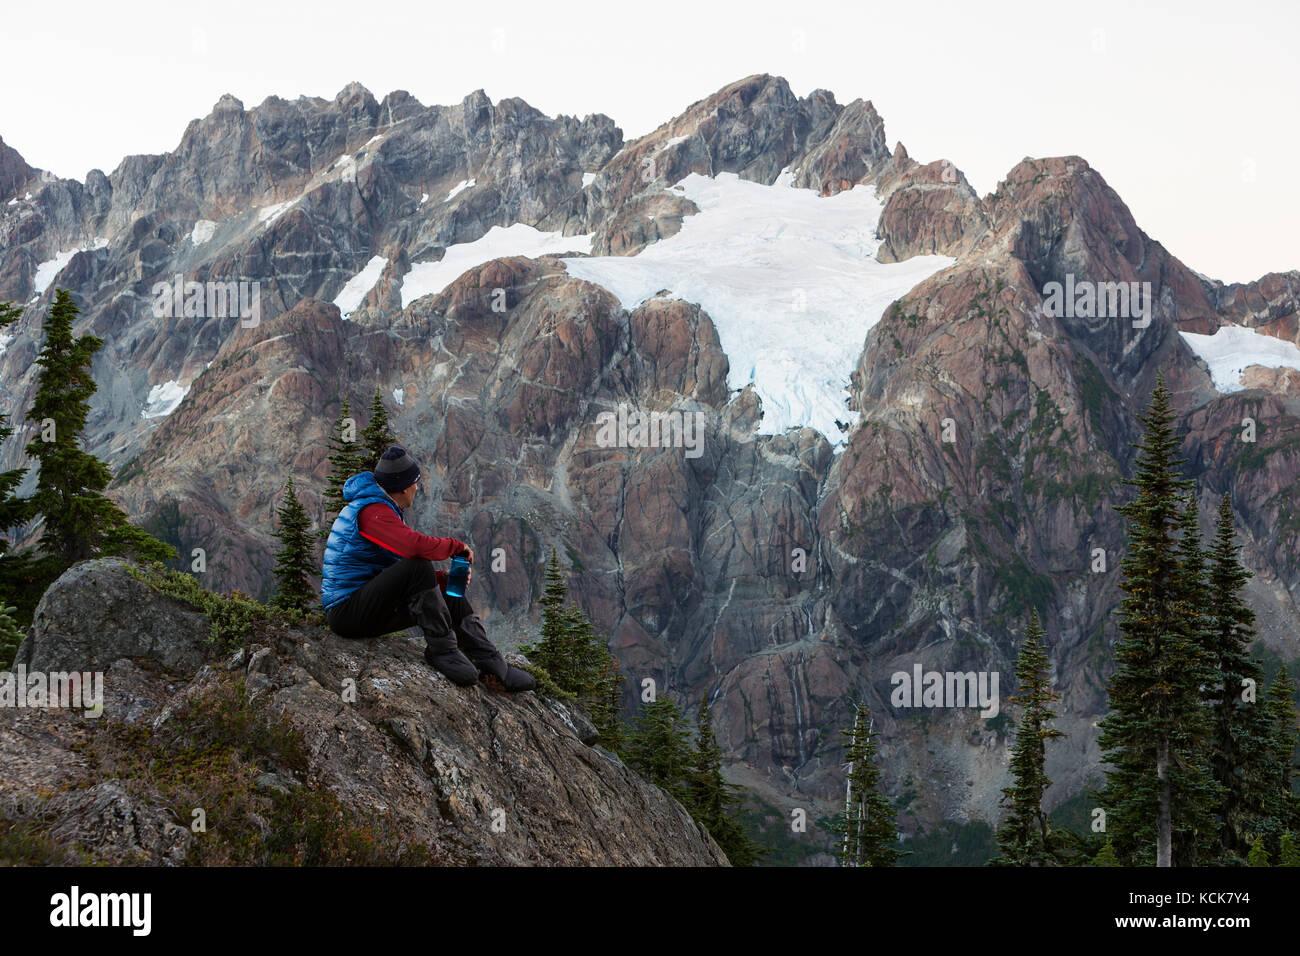 Ein einsamer Wanderer sieht bis zu den septimus/Rousseau massiv und es hängenden Gletscher beim Camping Übernachtung Stockfoto